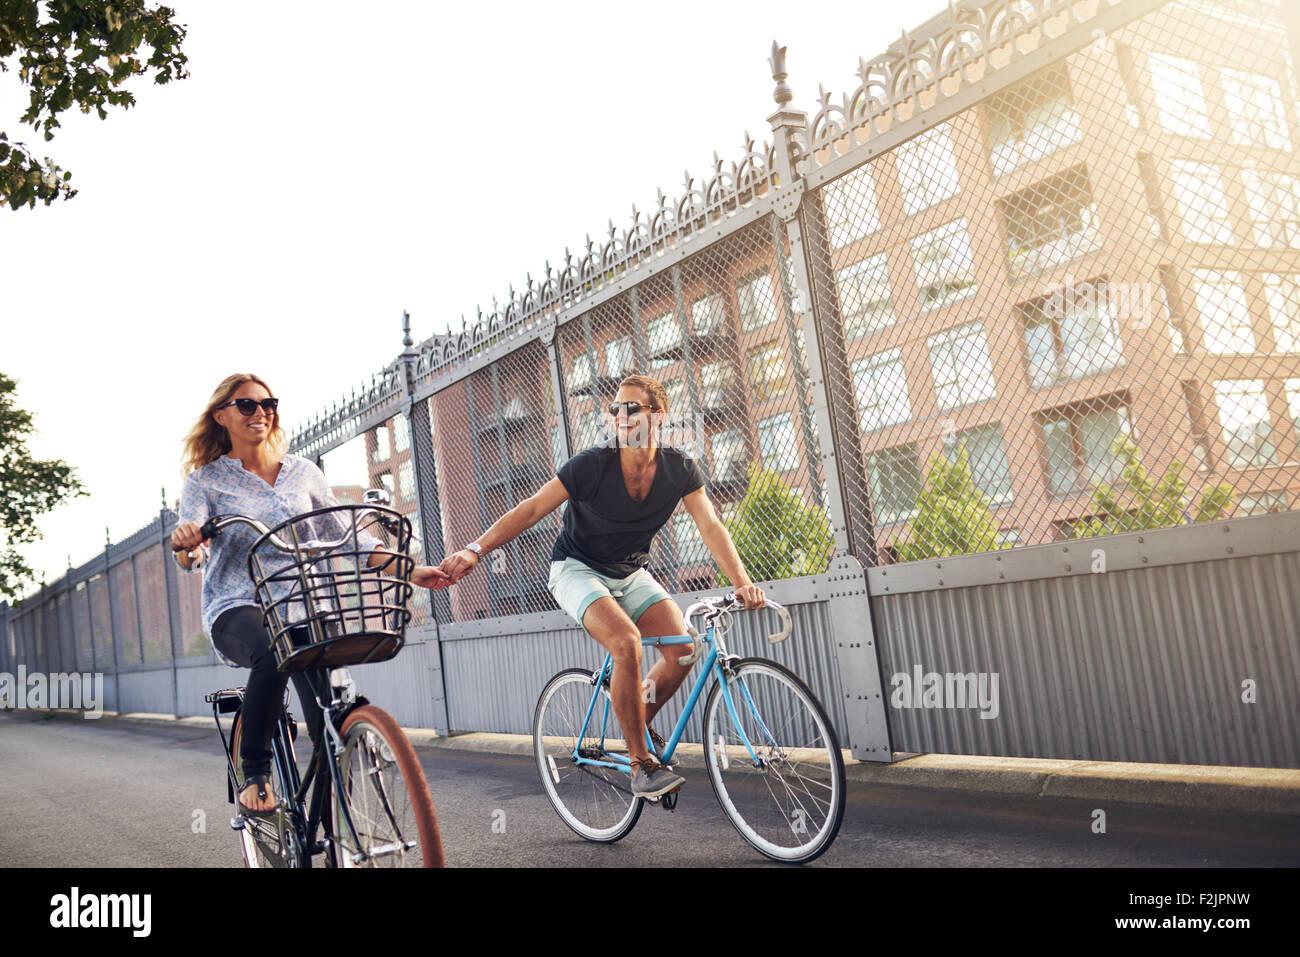 Romantisches Paar Hände halten, wie sie Rad fahren Reiten ihre Fahrräder in einer städtischen Straße Stockbild